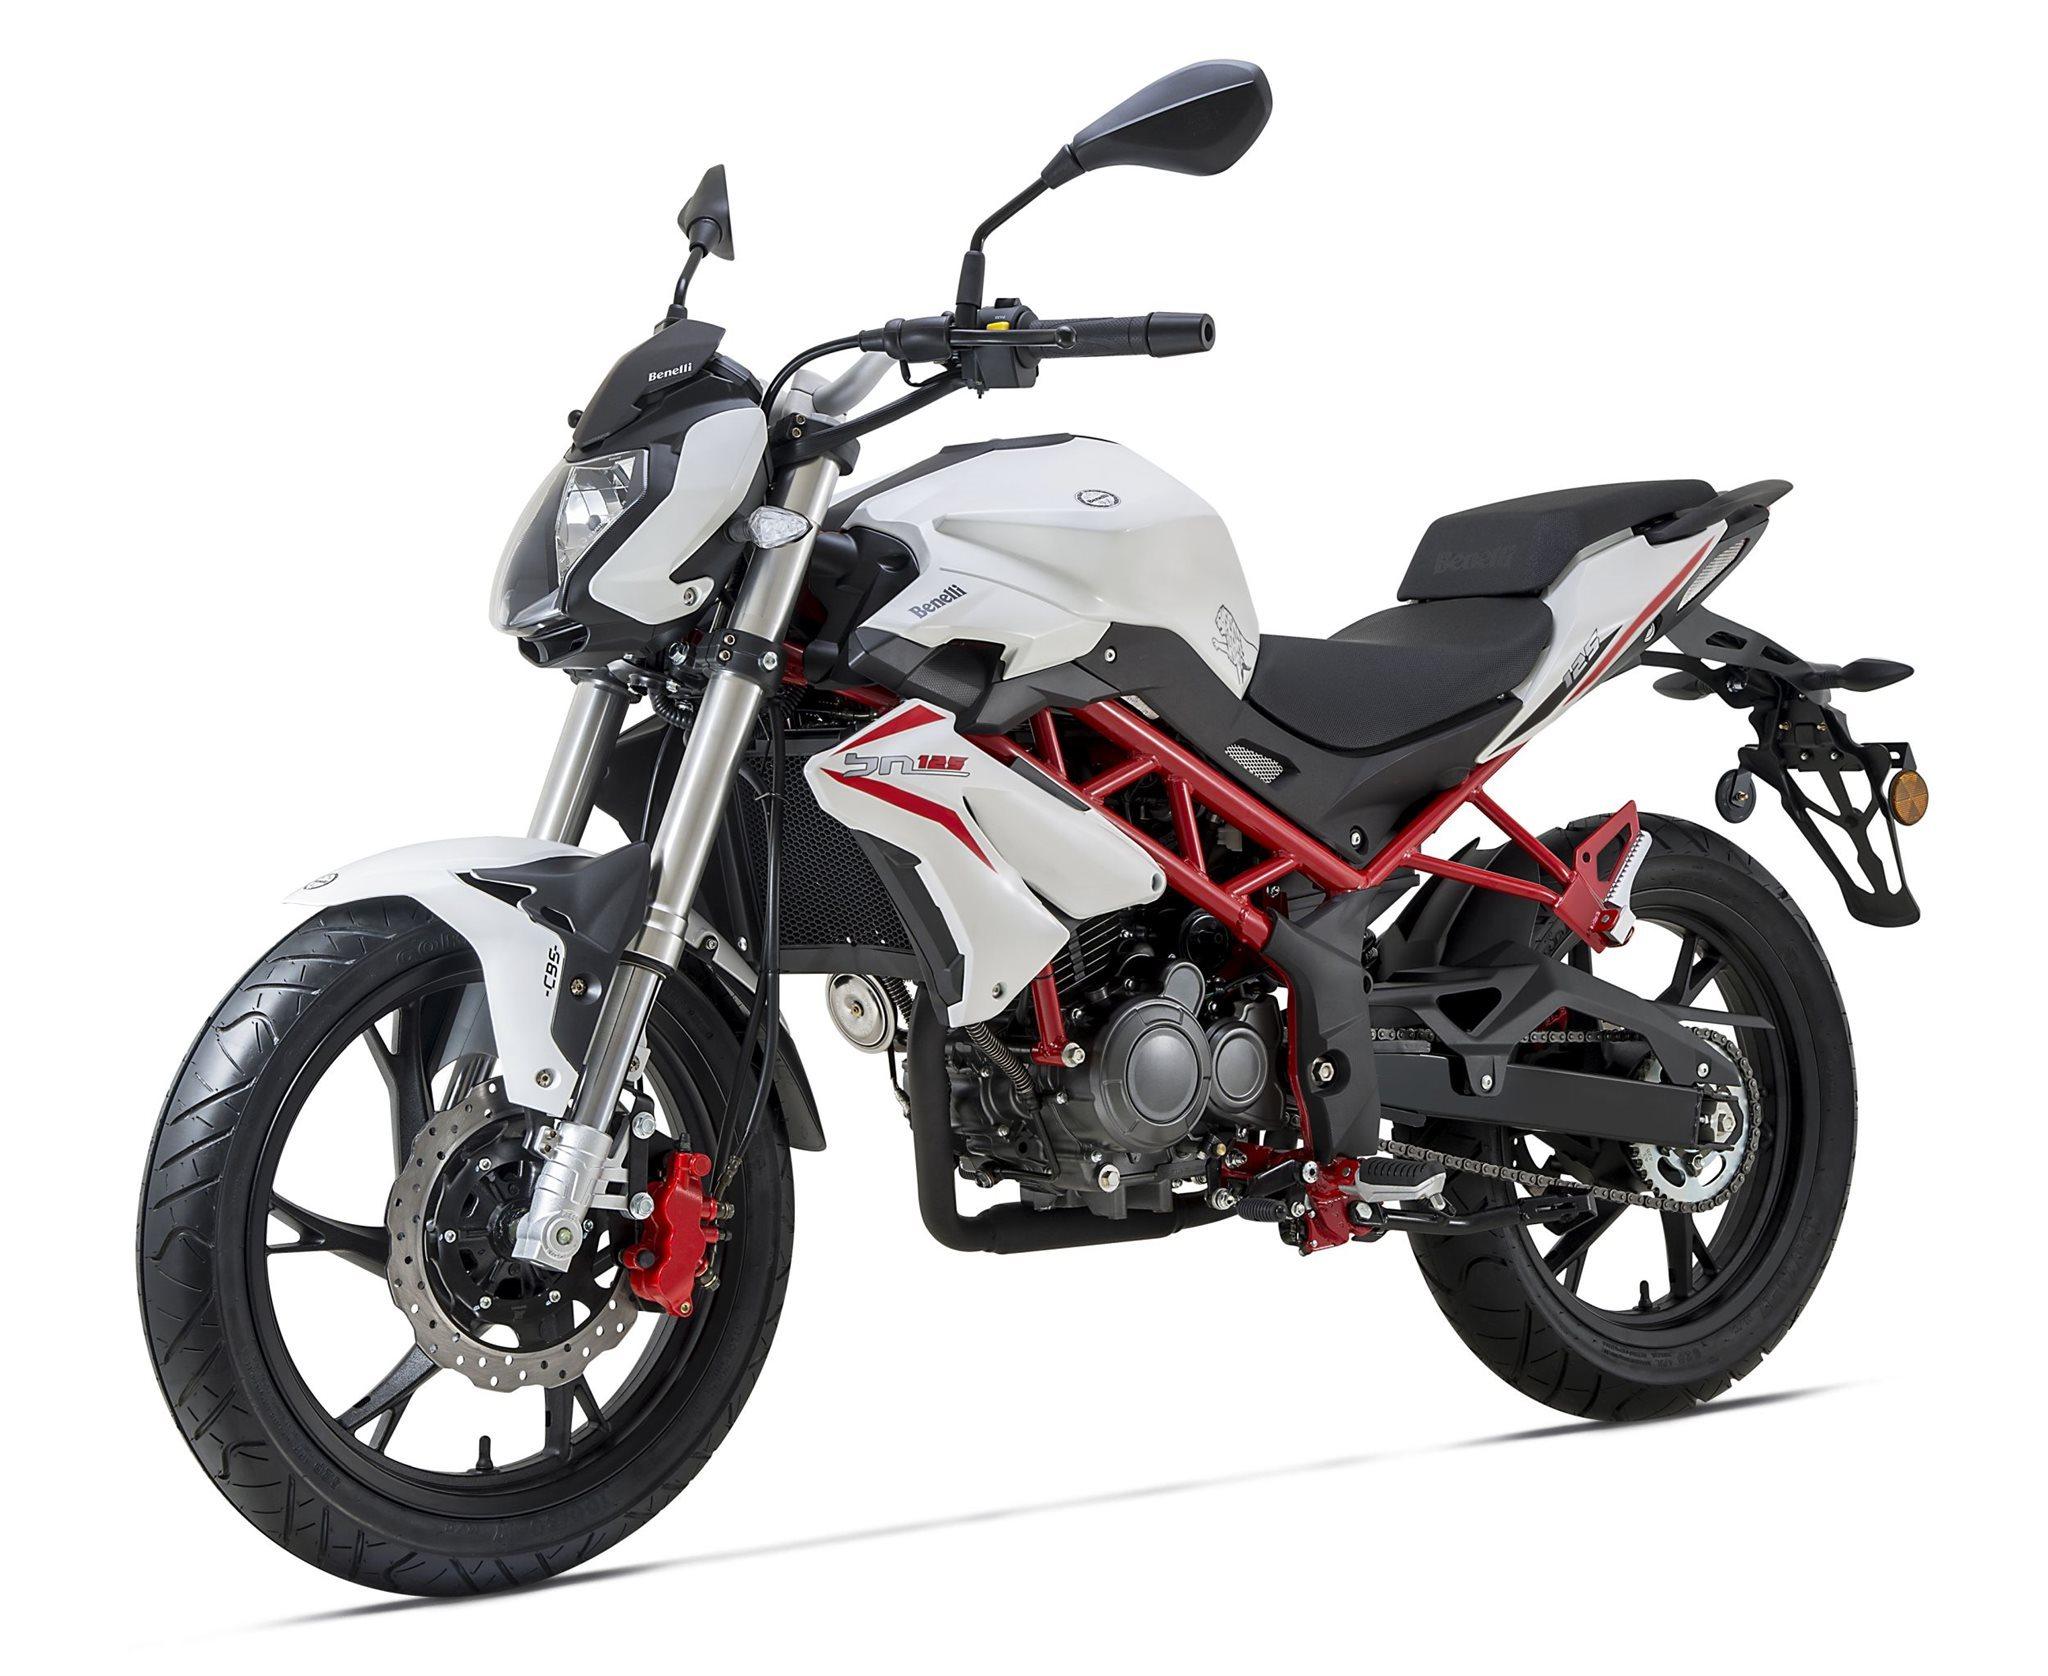 Benelli BN 125 (2018 - 20), prezzo e scheda tecnica - Moto.it